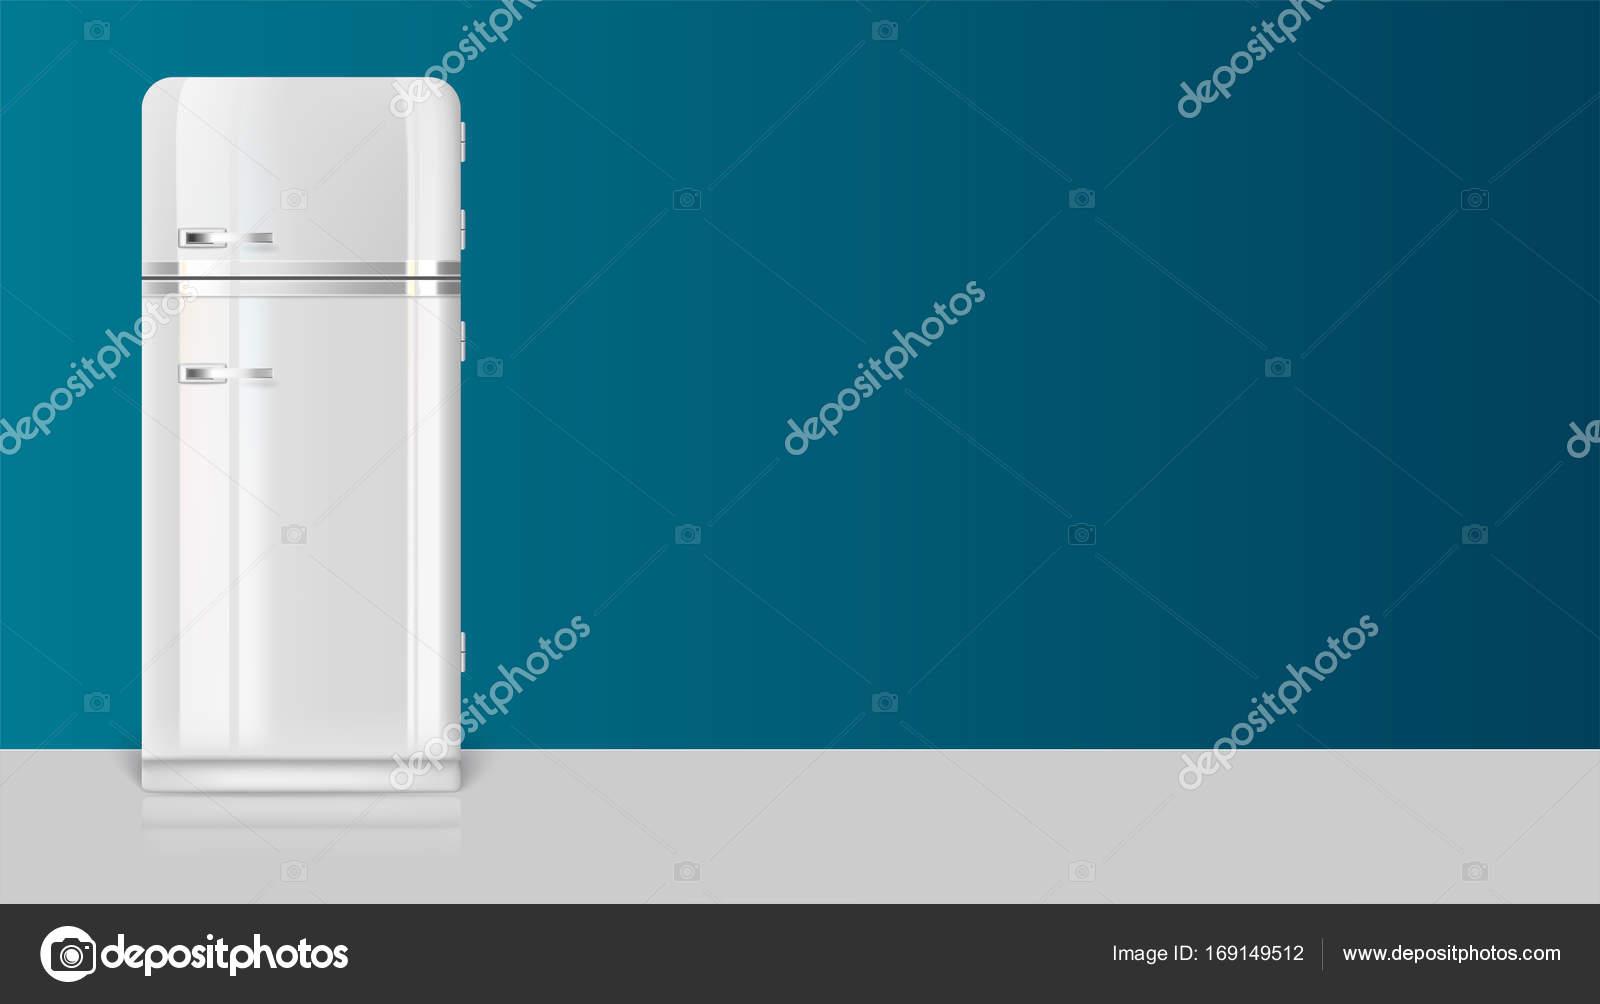 Kühlschrank Vintage : Vorlage mit retro oldtimer kühlschrank für werbung auf horizontale